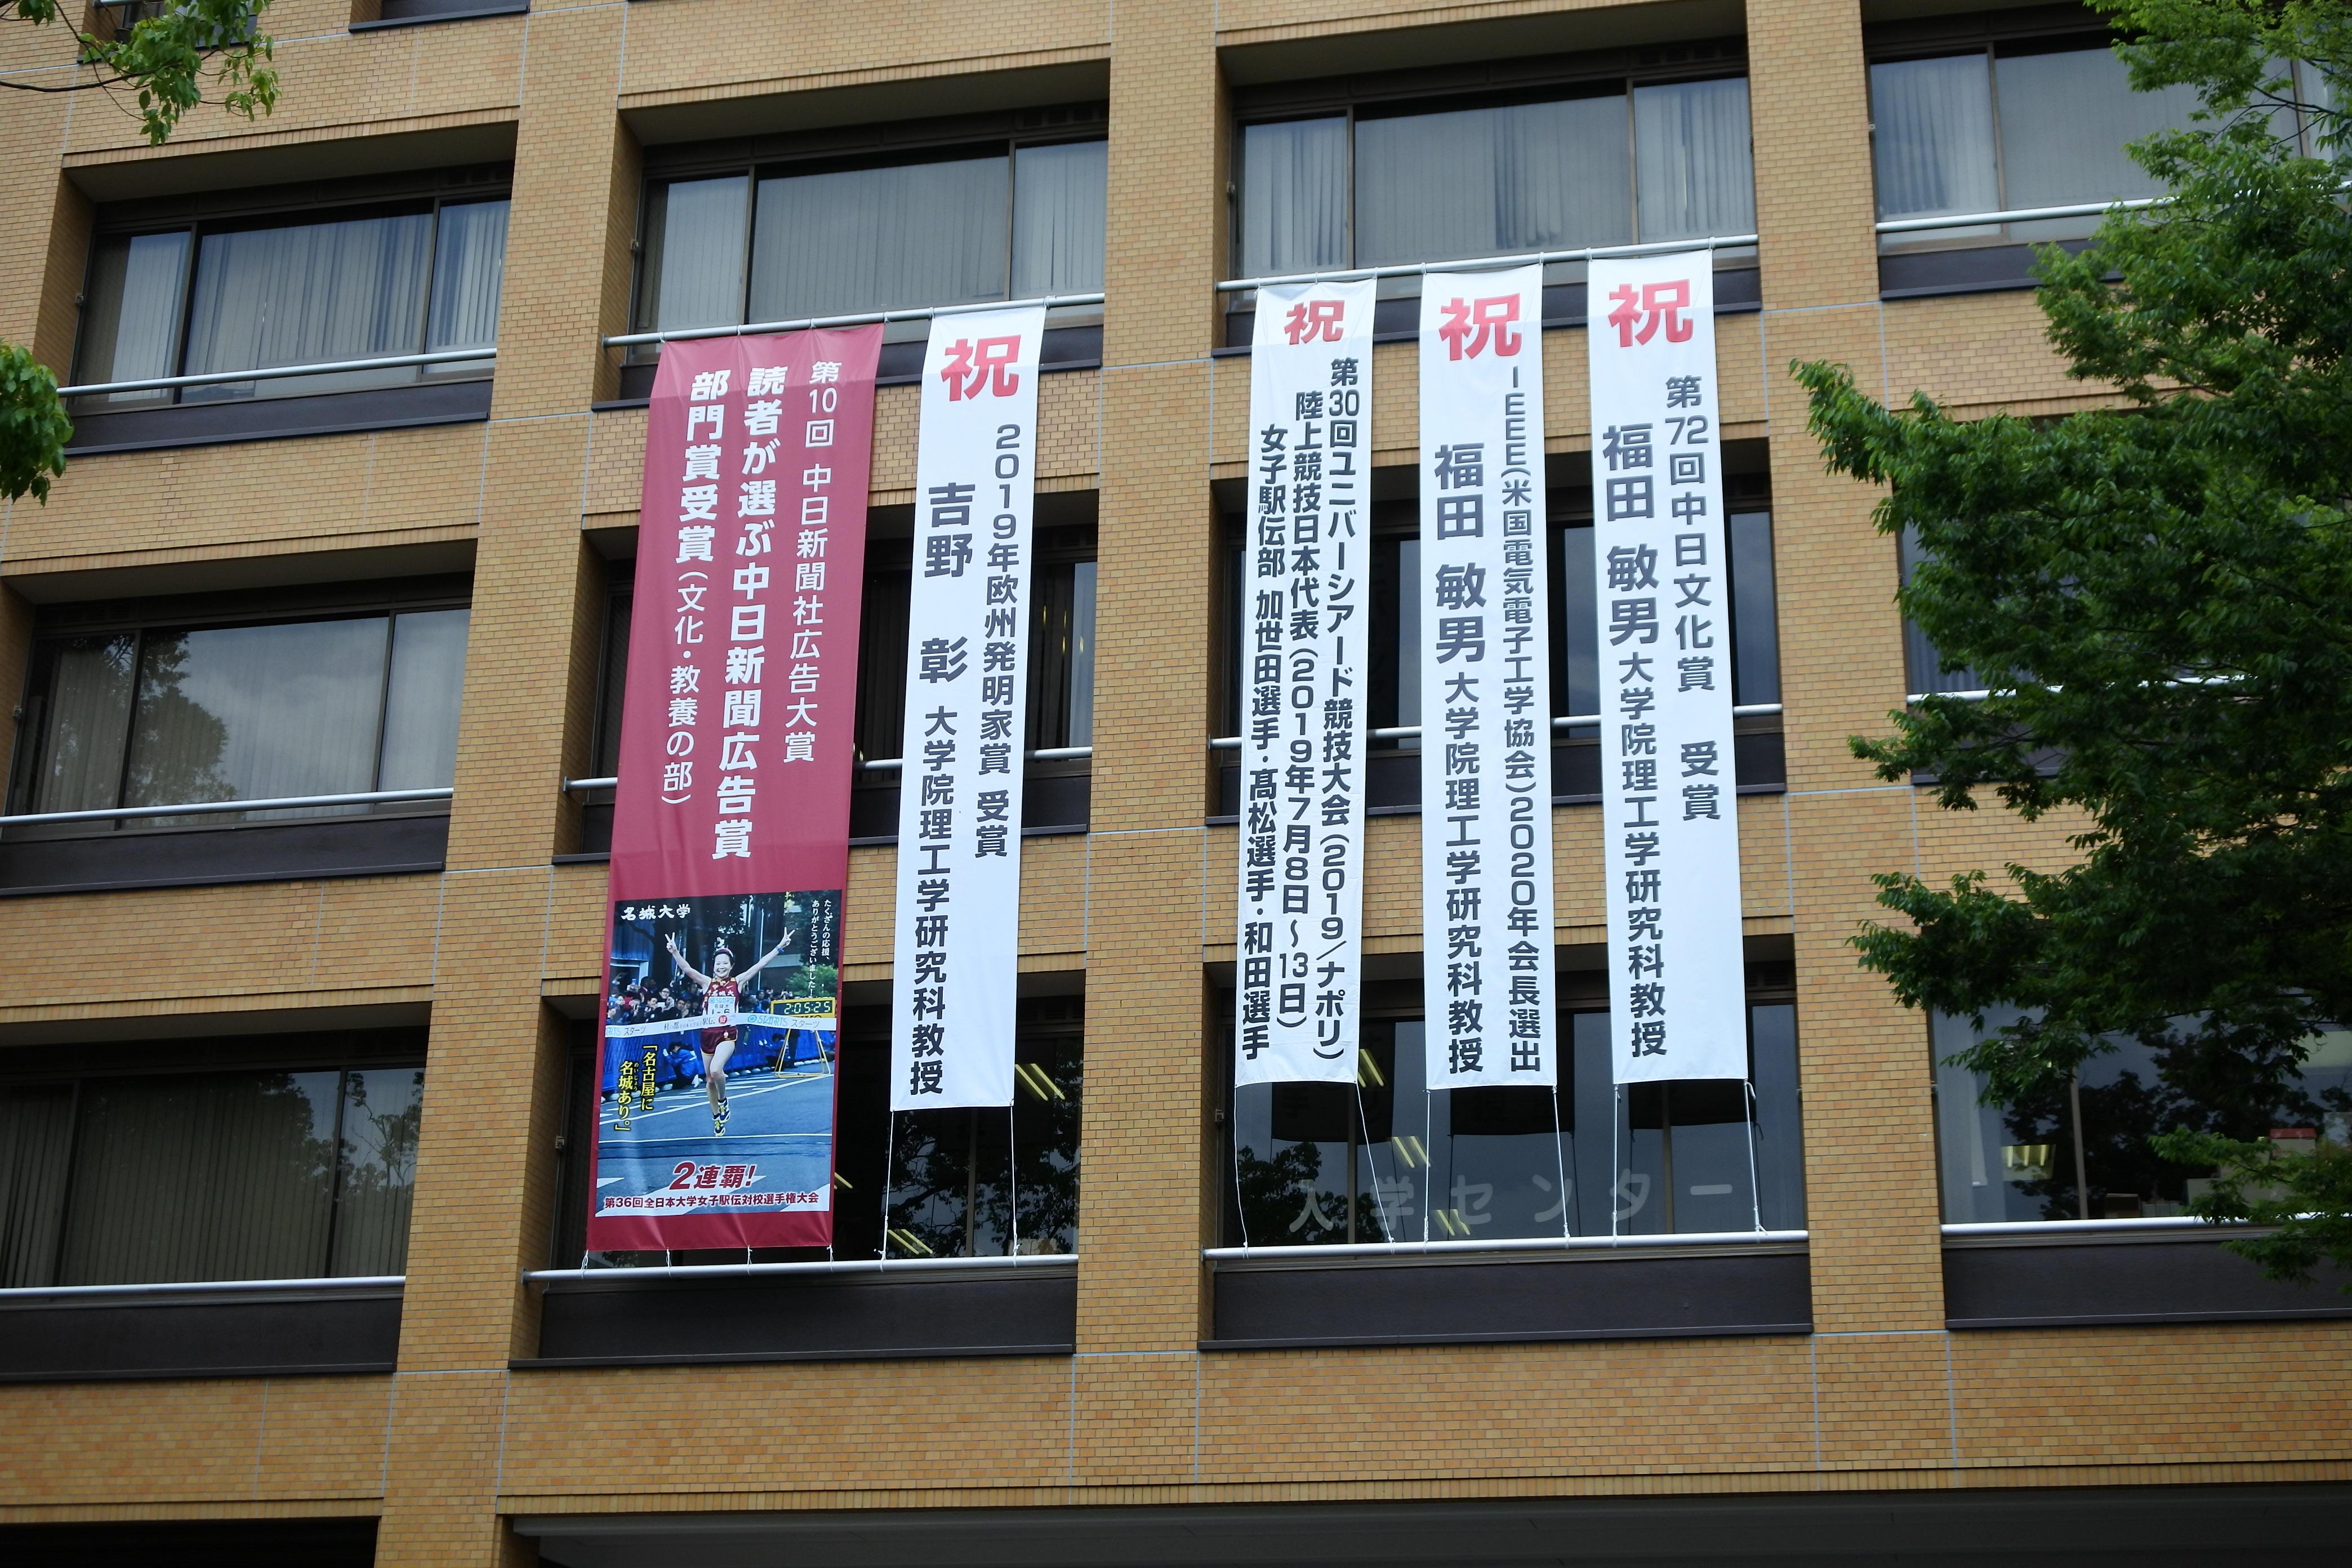 天白キャンパス本部棟外壁に掲げられた受賞を祝う懸垂幕